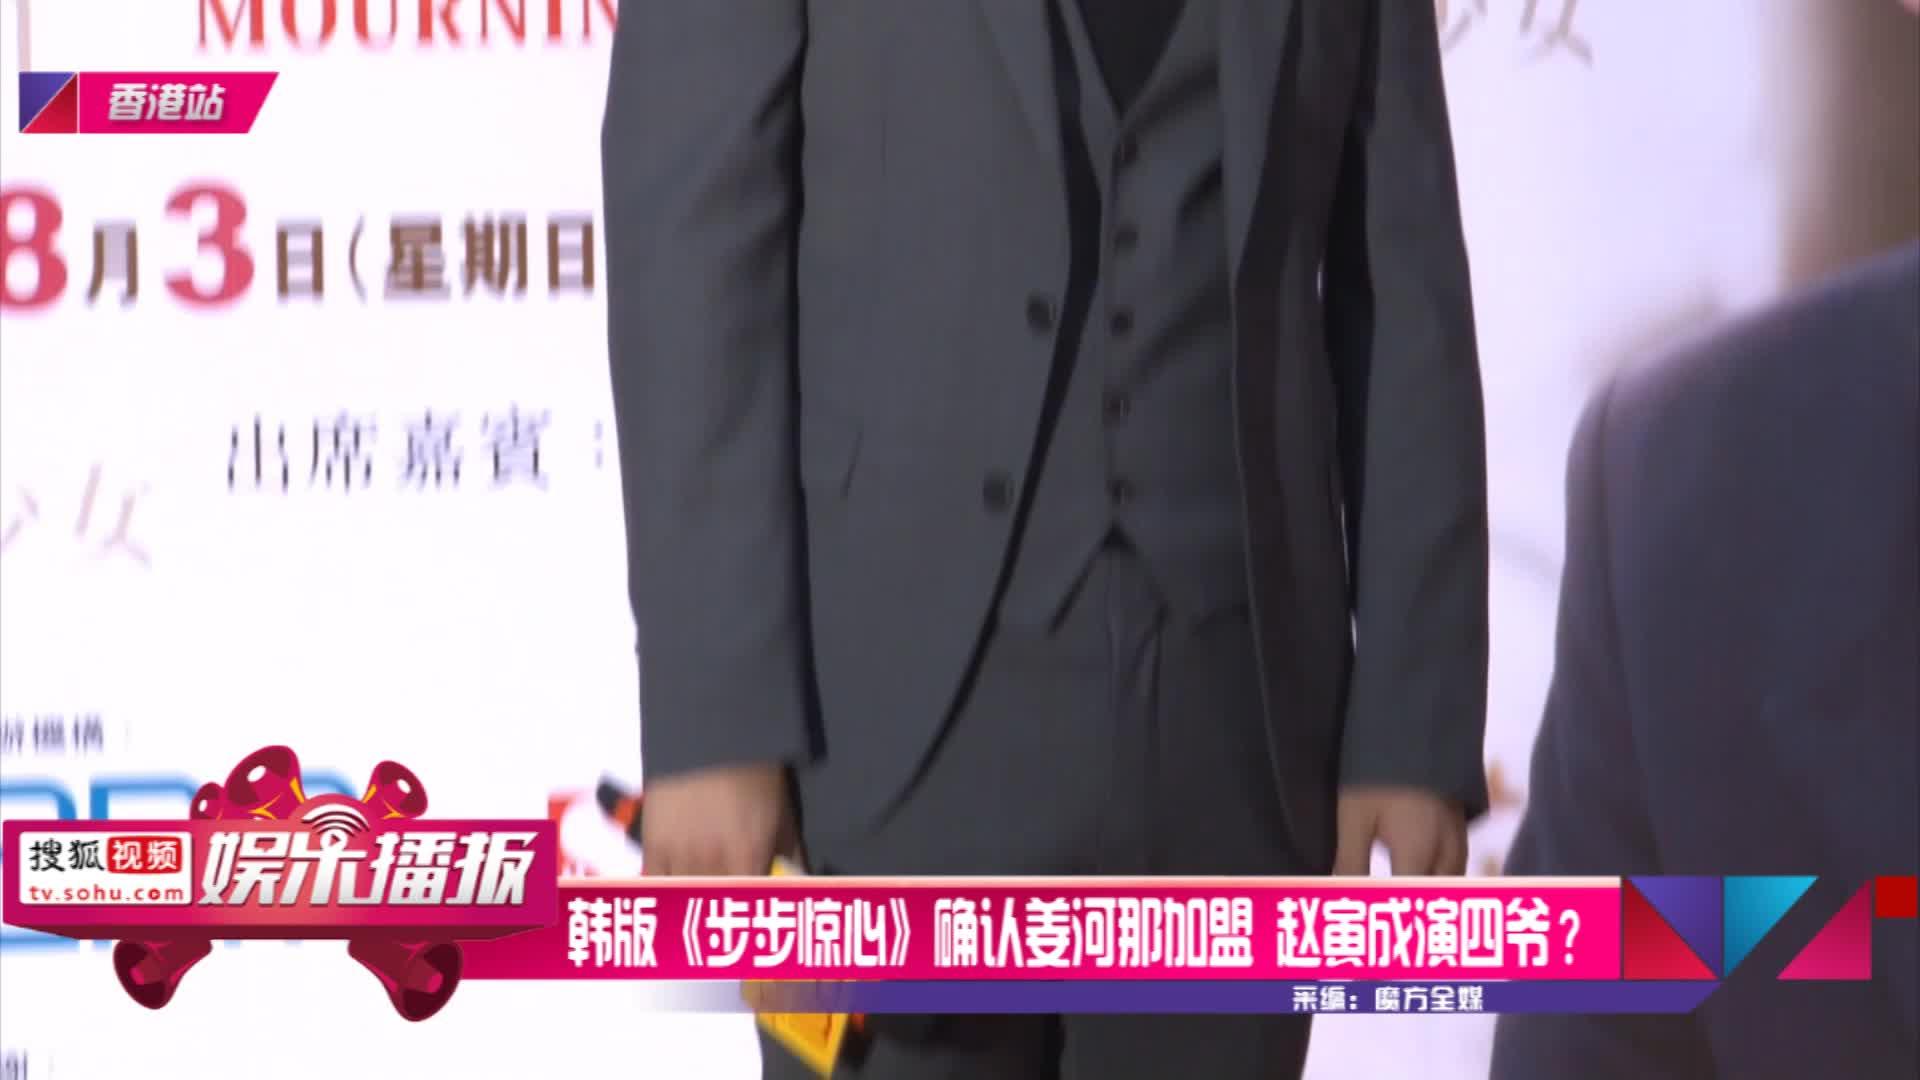 韩版《步步惊心》确认姜河那加盟 赵寅成演四爷?